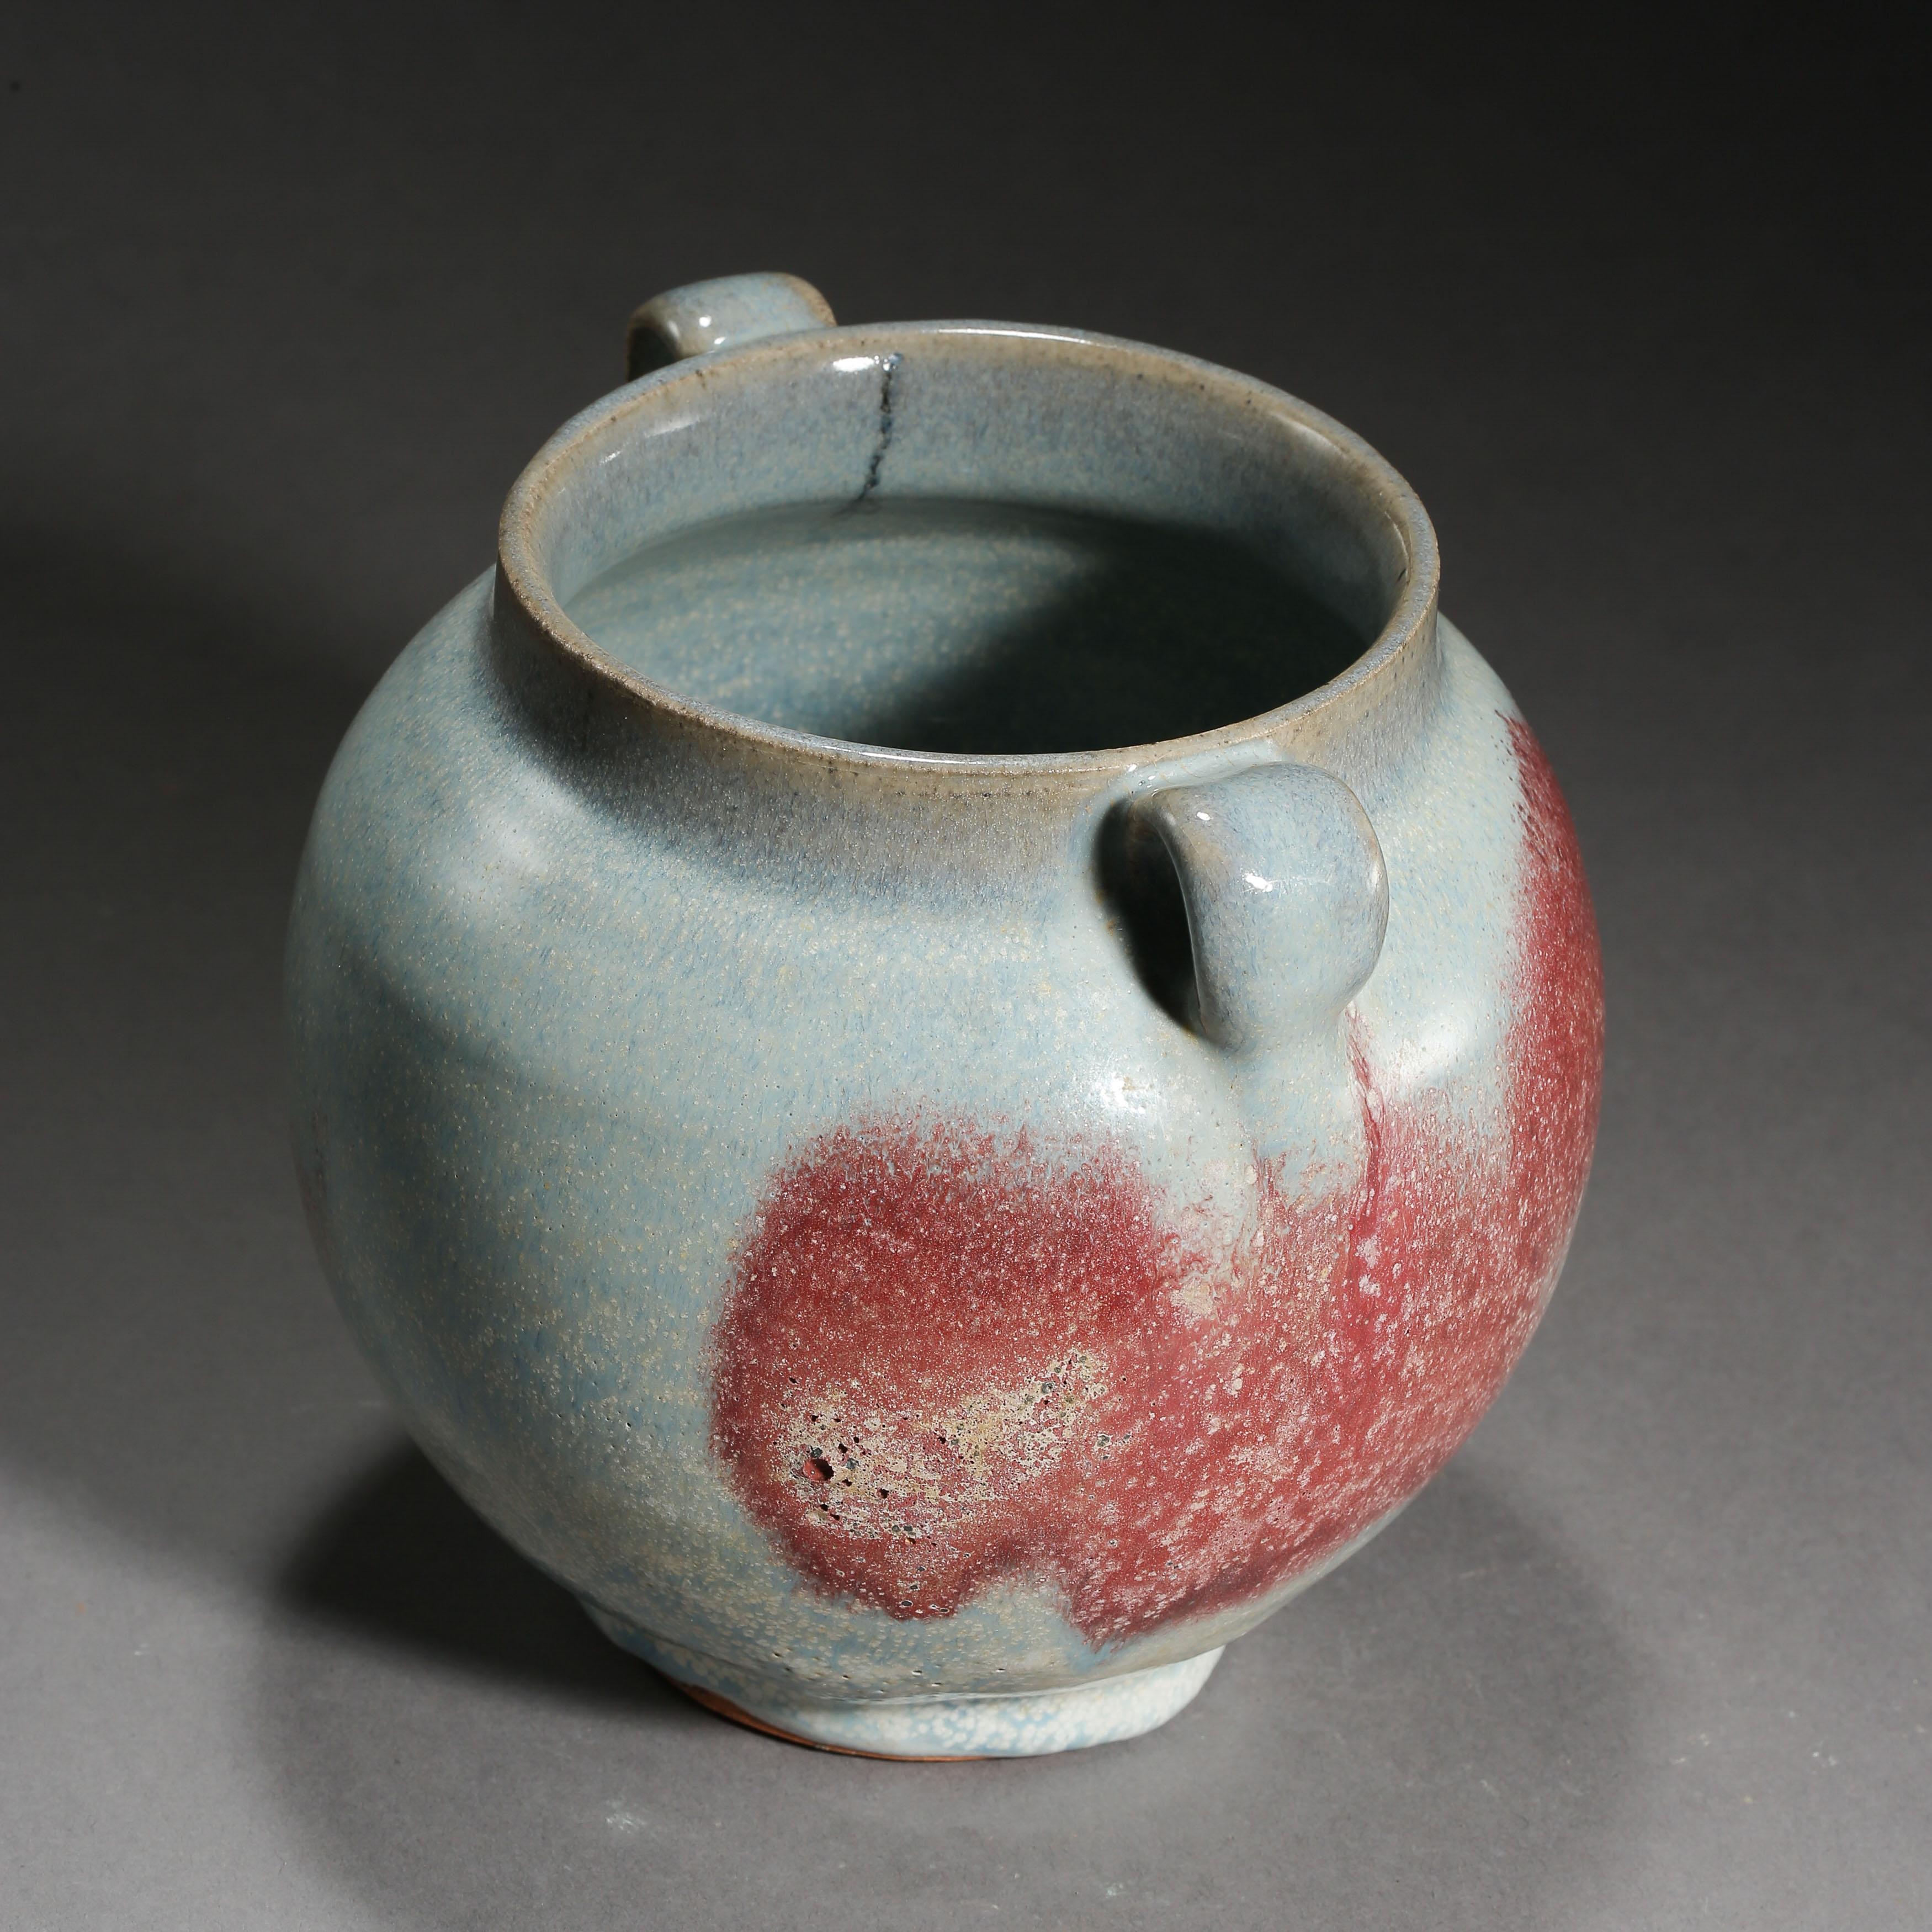 JUN KILN DOUBLE HANDLE JAR, YUAN DYNASTY, CHINA - Image 8 of 10